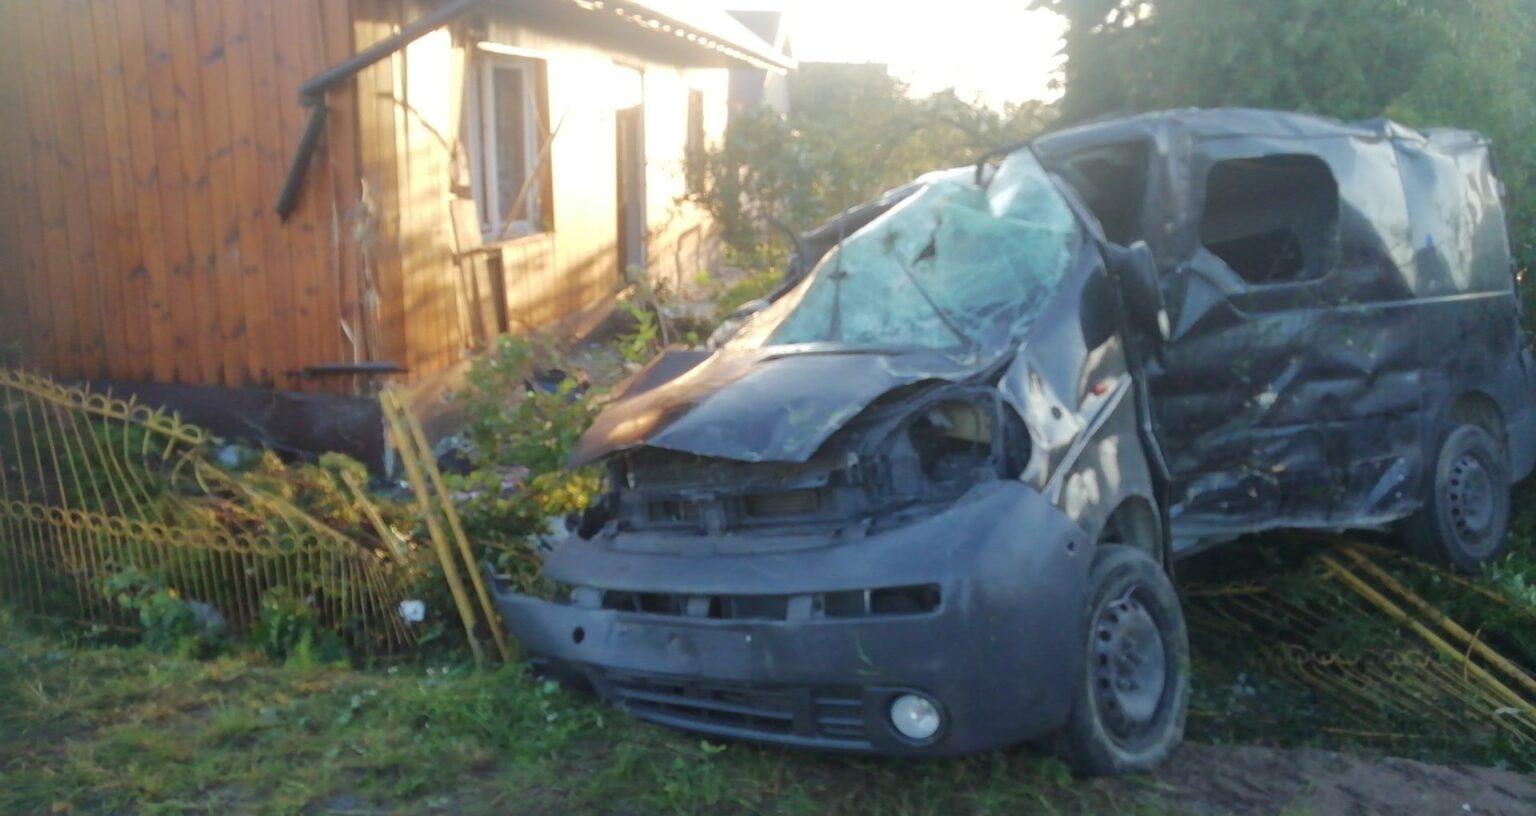 Wypadek w Jeżowem. Samochód uderzył w dom, naruszając jego konstrukcję! [ZDJĘCIA] - Zdjęcie główne